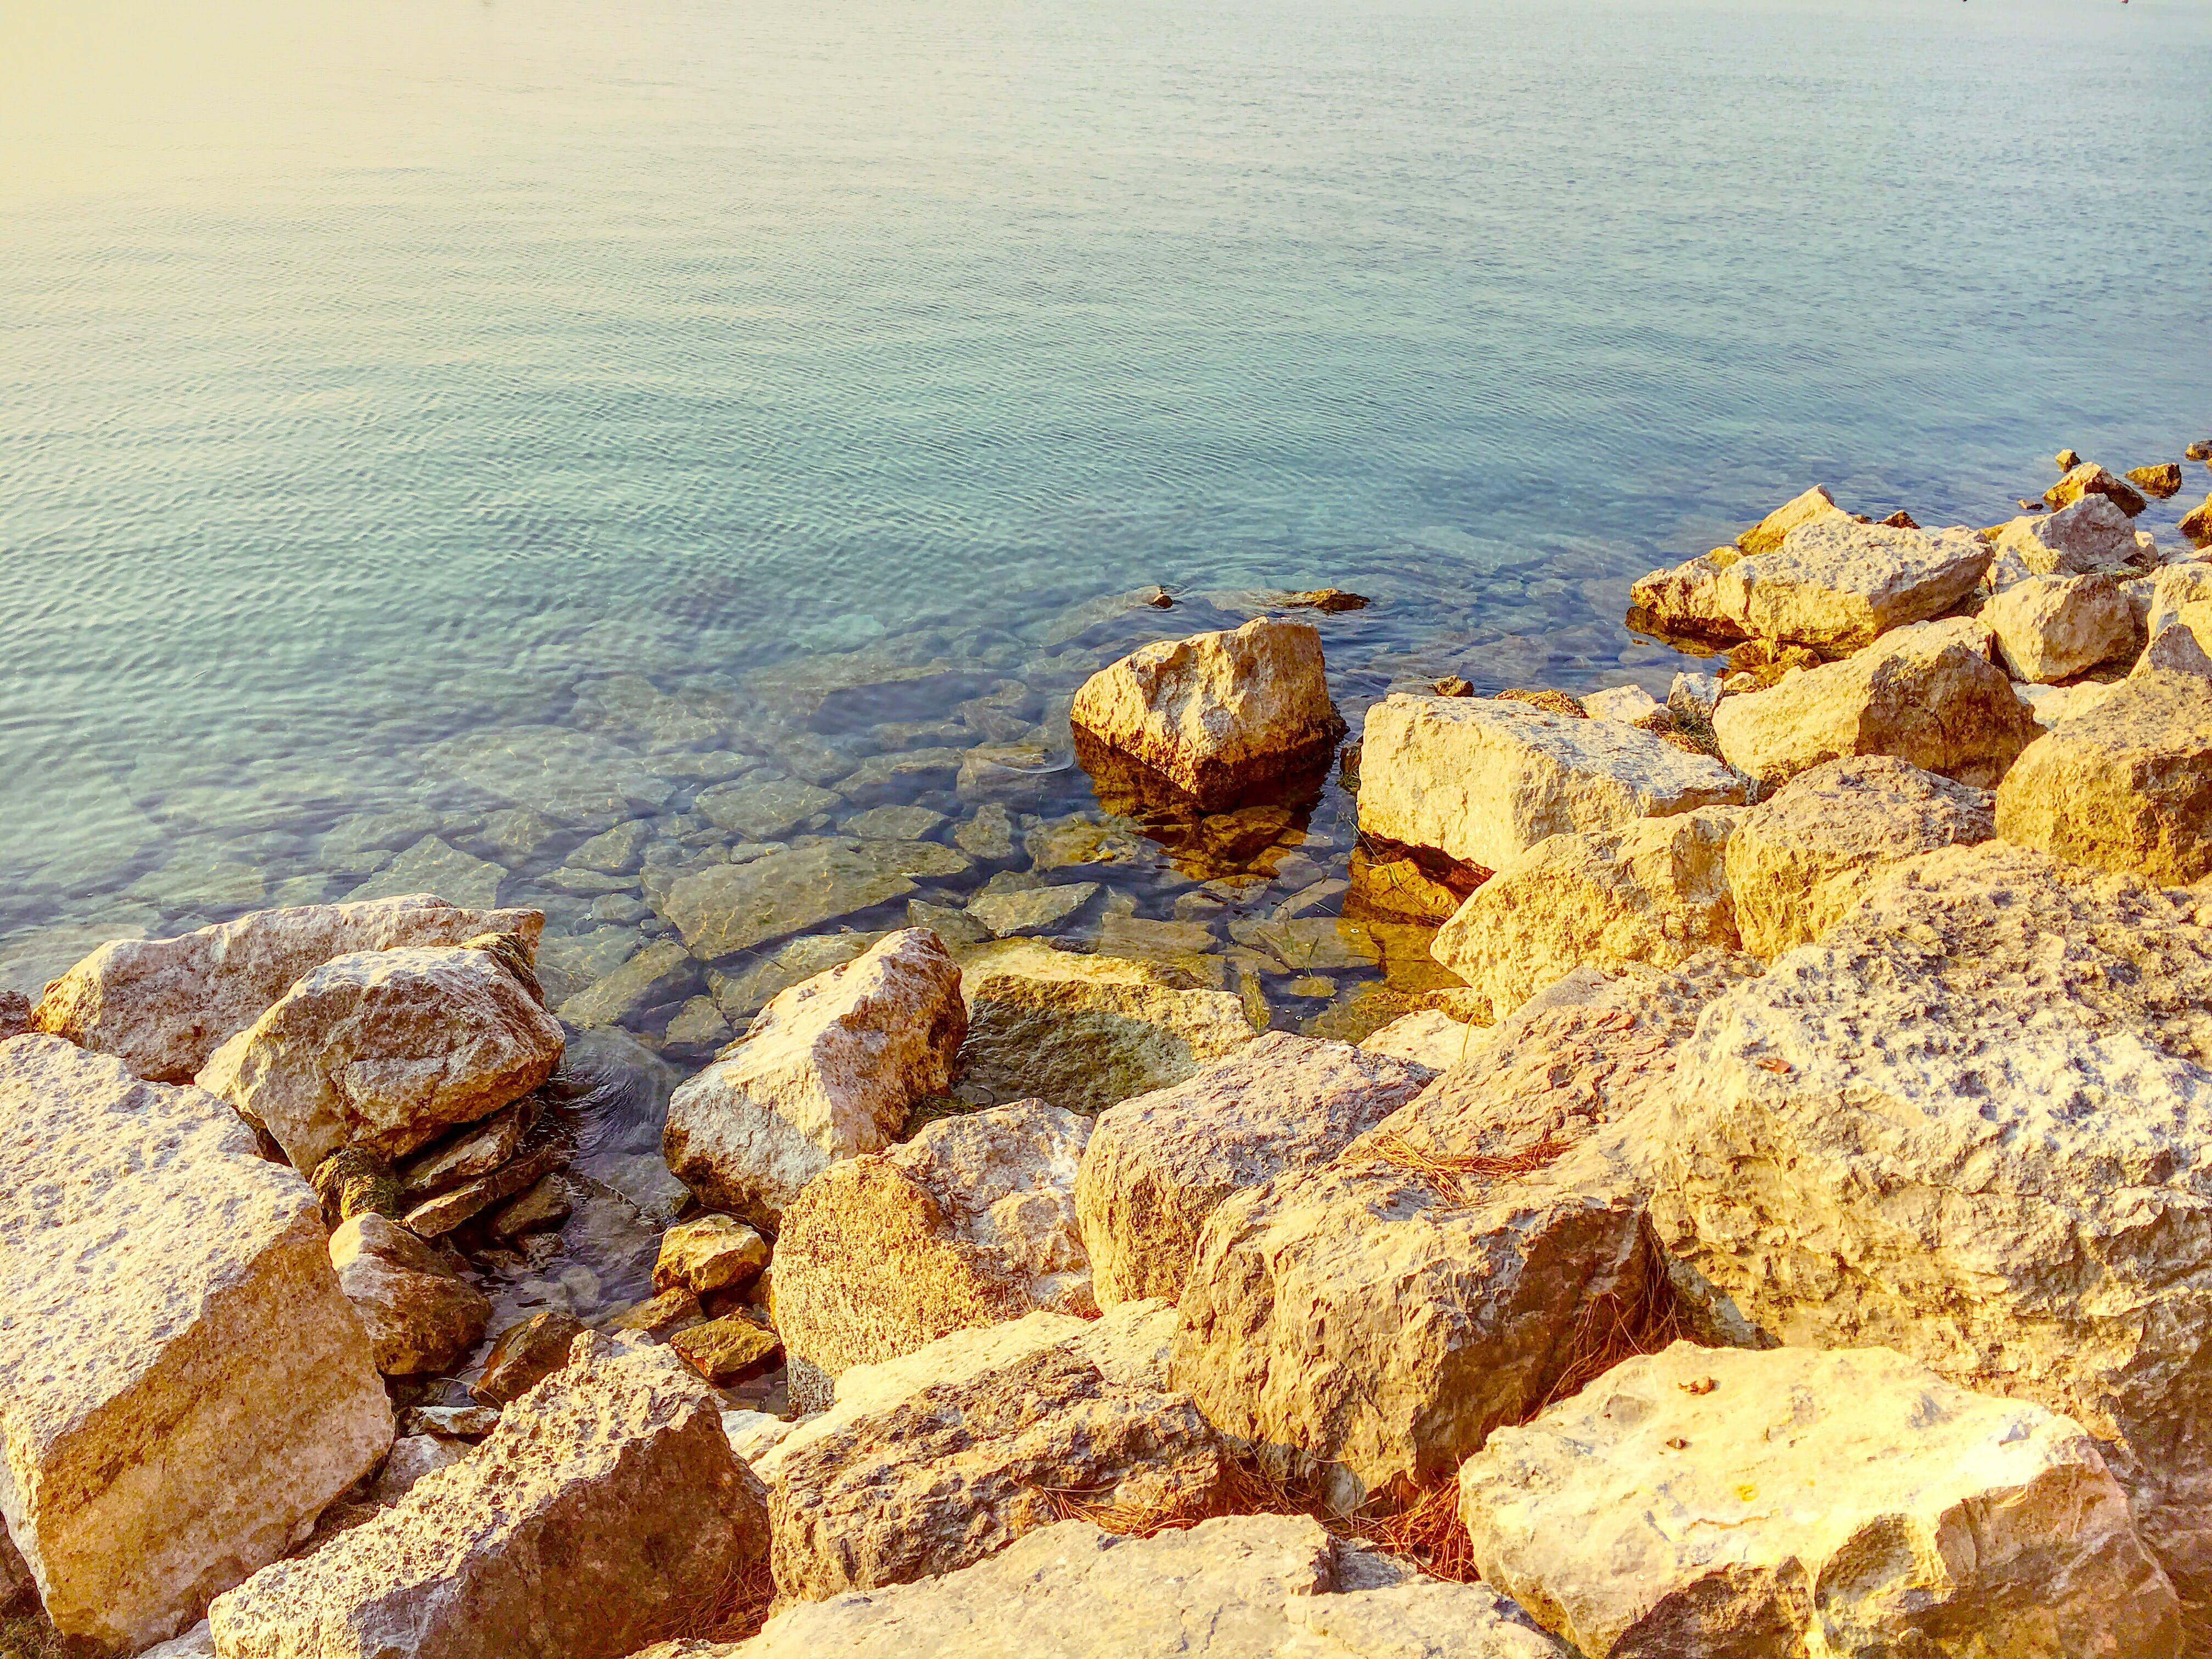 Δωρεάν στοκ φωτογραφιών με βράχια, γραφικός, ήλιος, θάλασσα